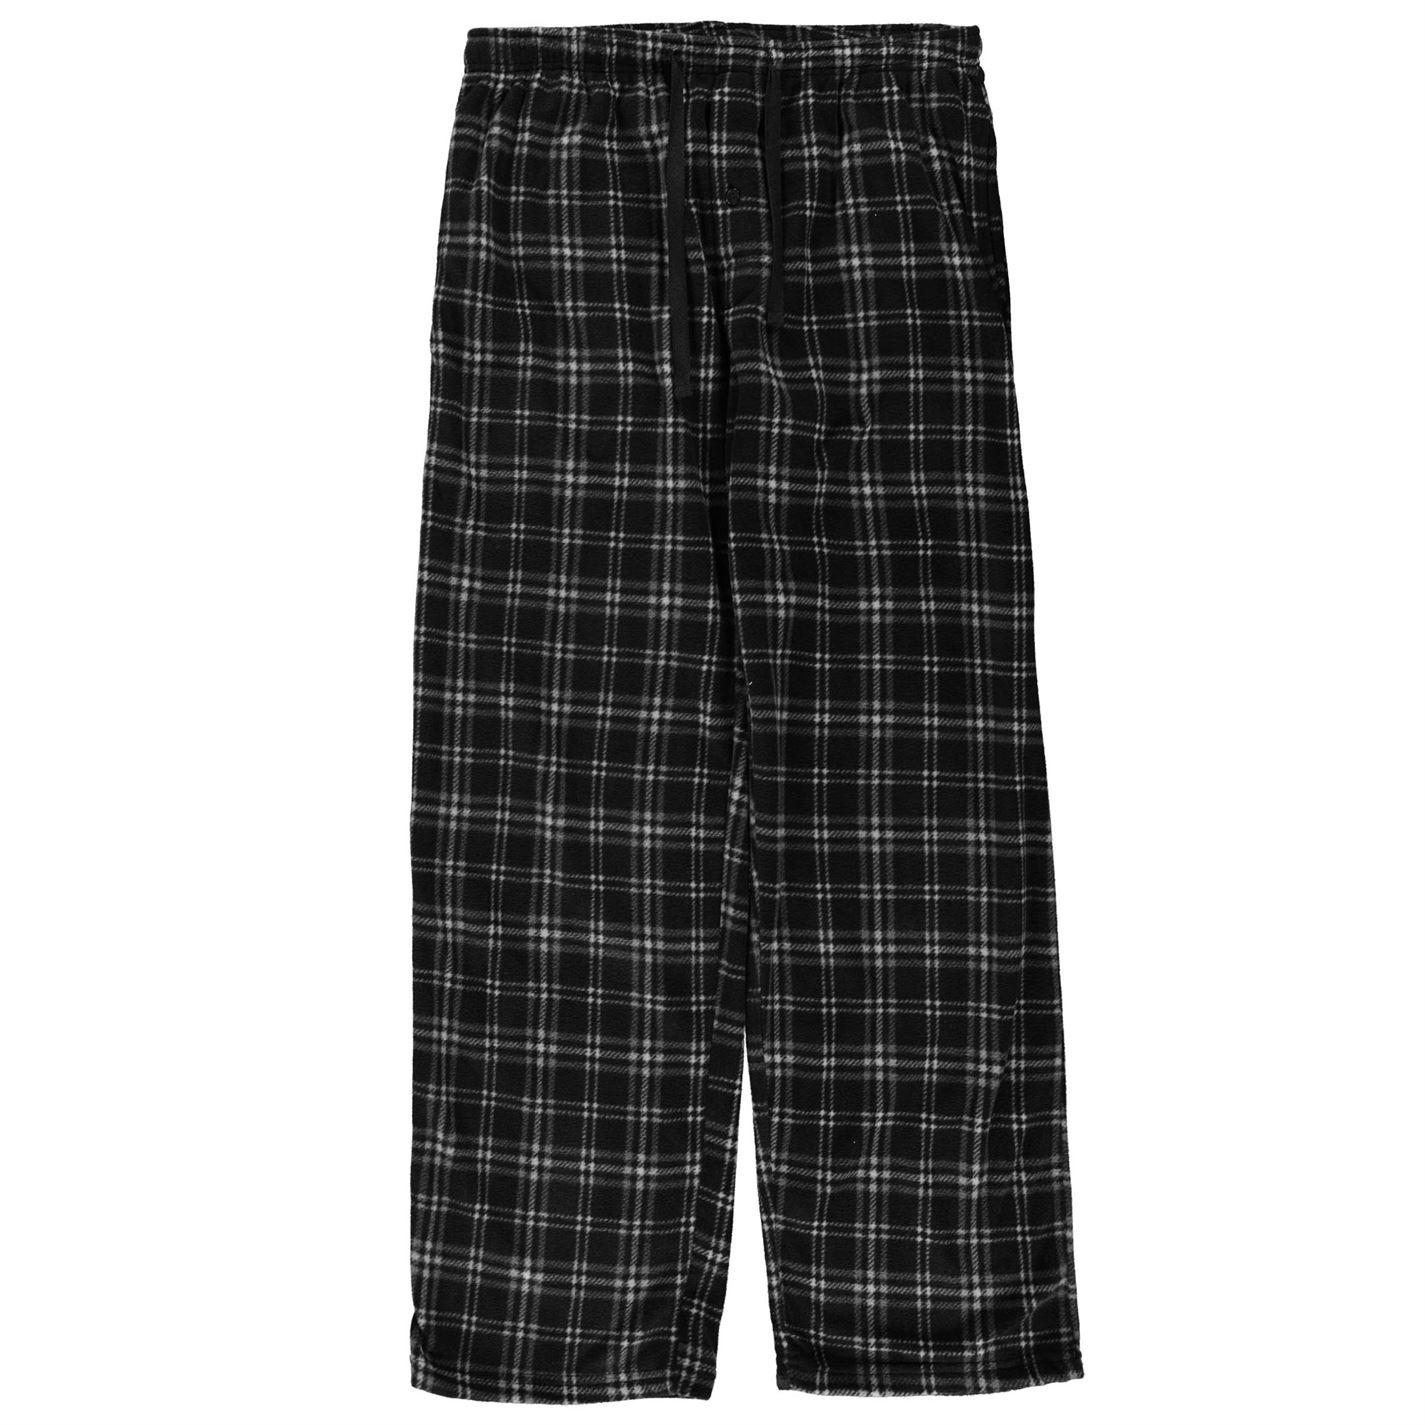 Gelert Soft Plaid Pyjama Bottoms pánské